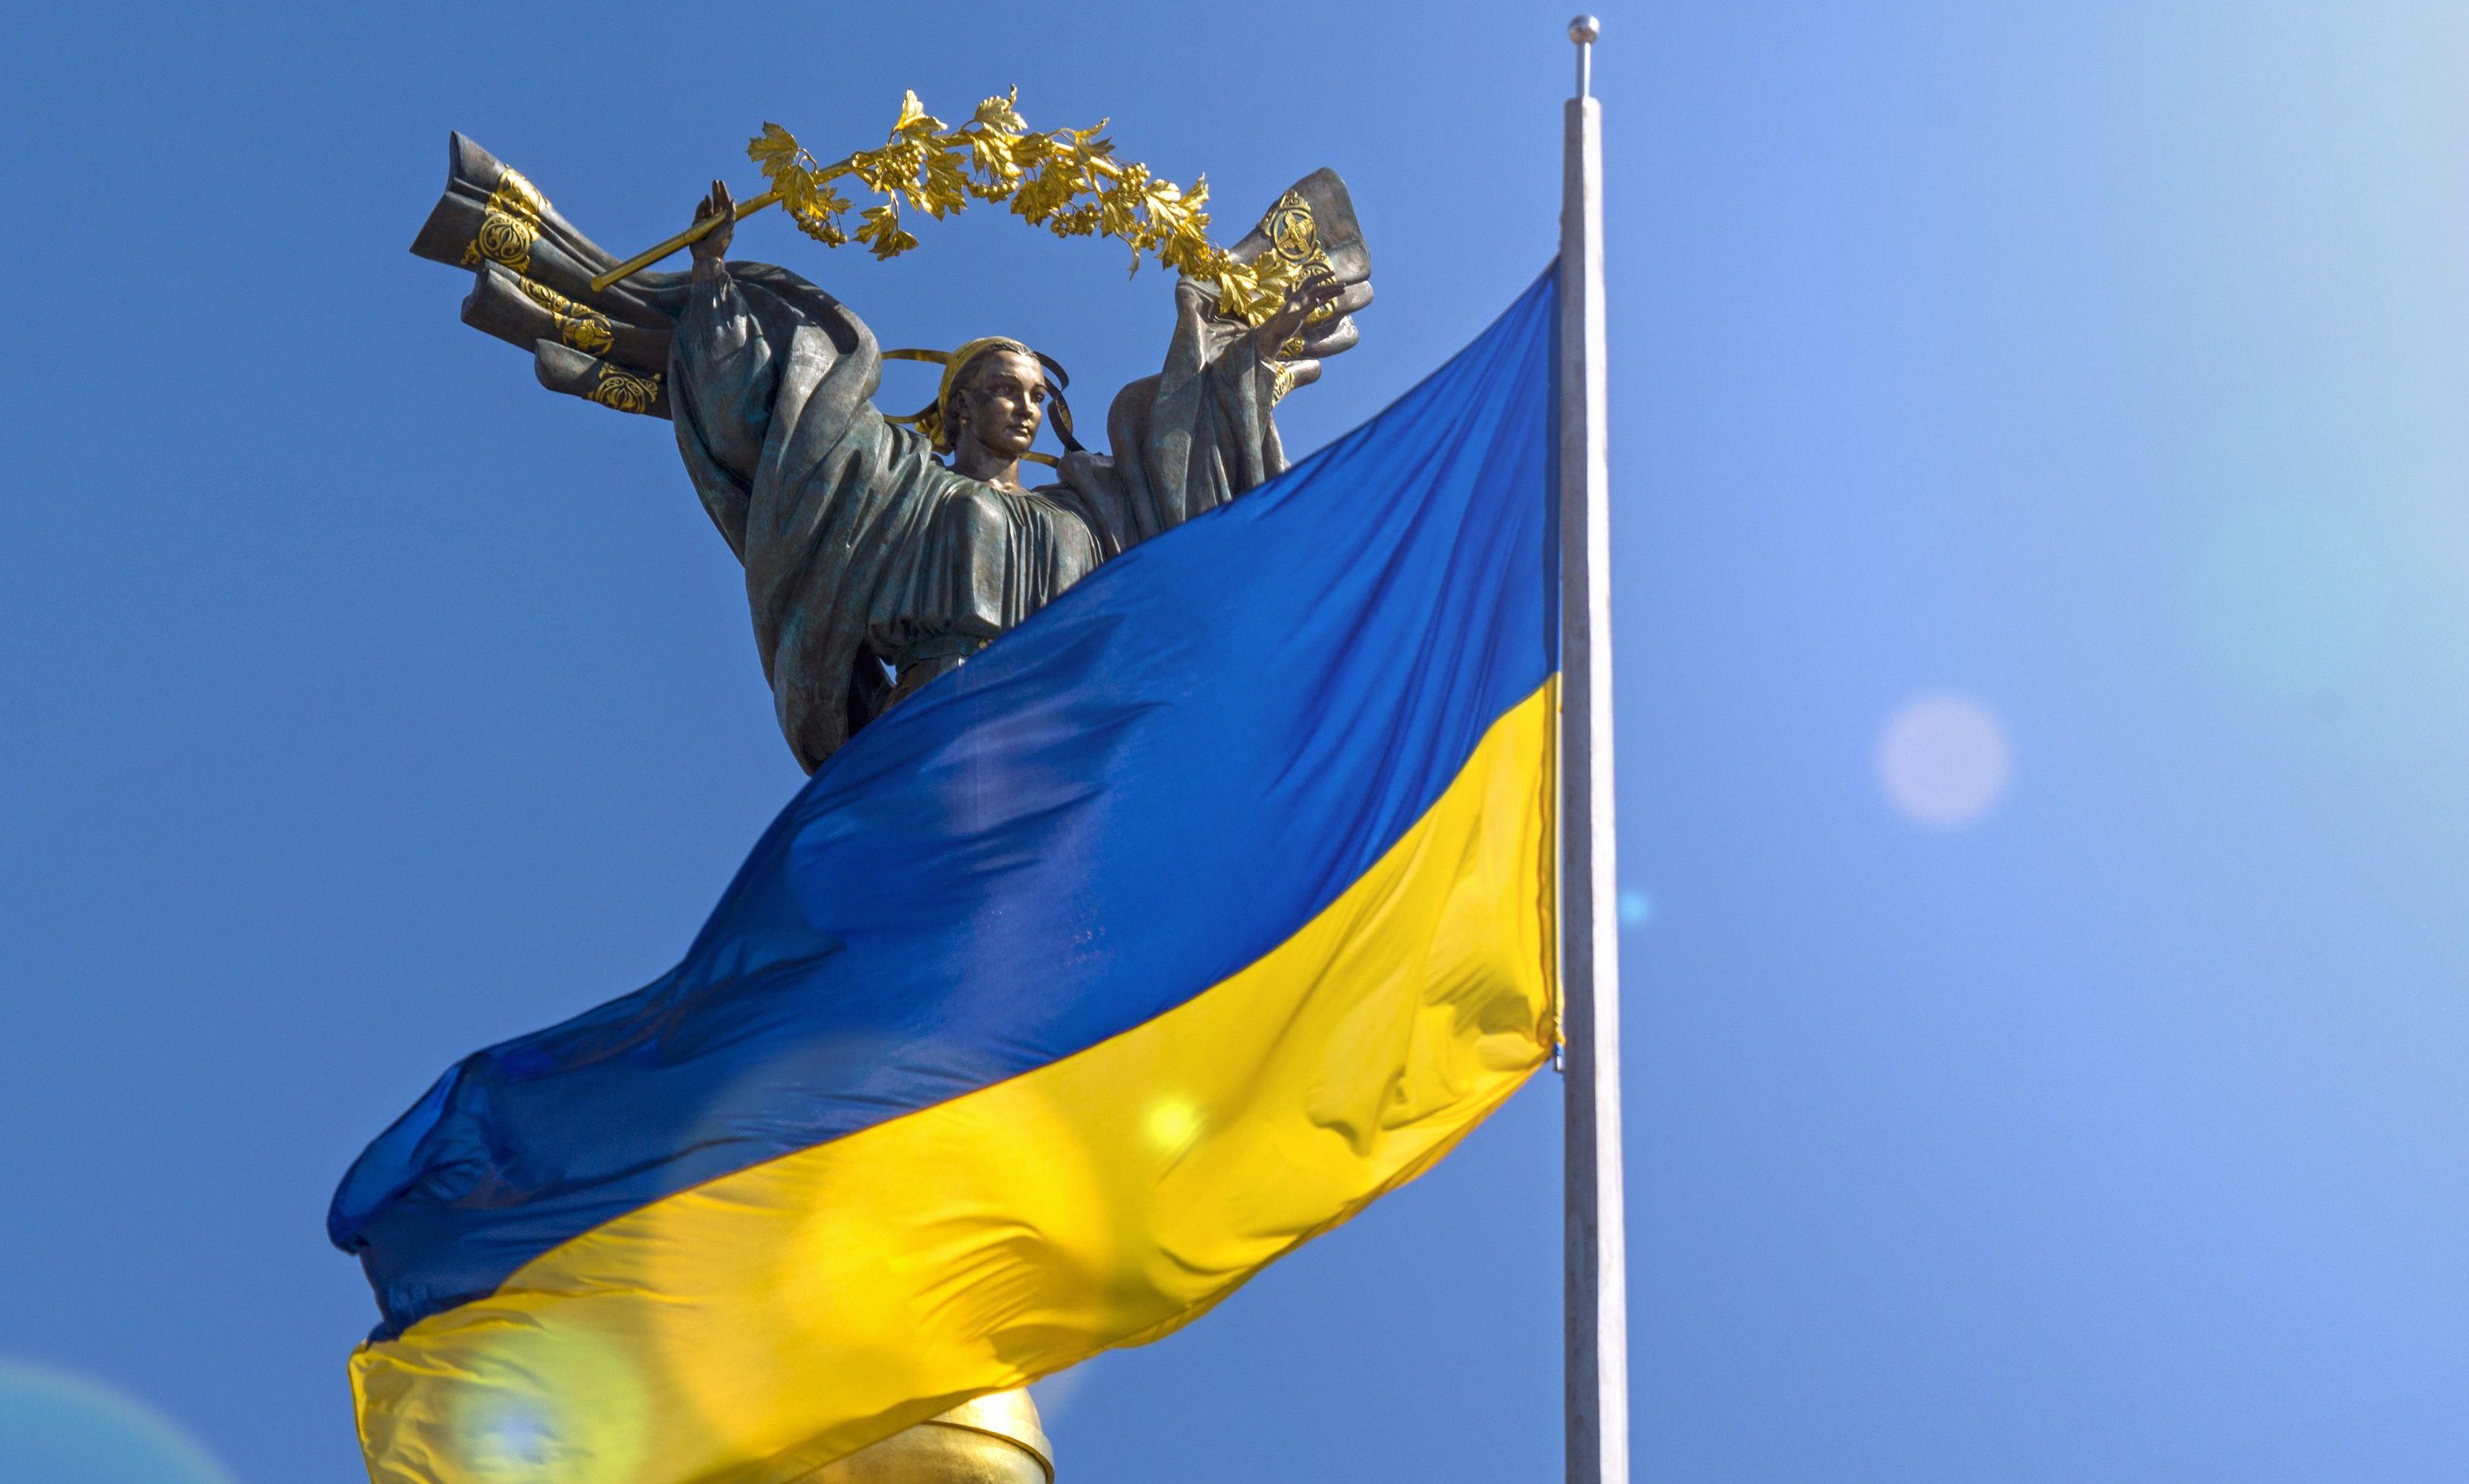 Ukraina prywatyzuje firmy energetyczne w nadziei na uporządkowanie rynku. Fot. Shutterstock